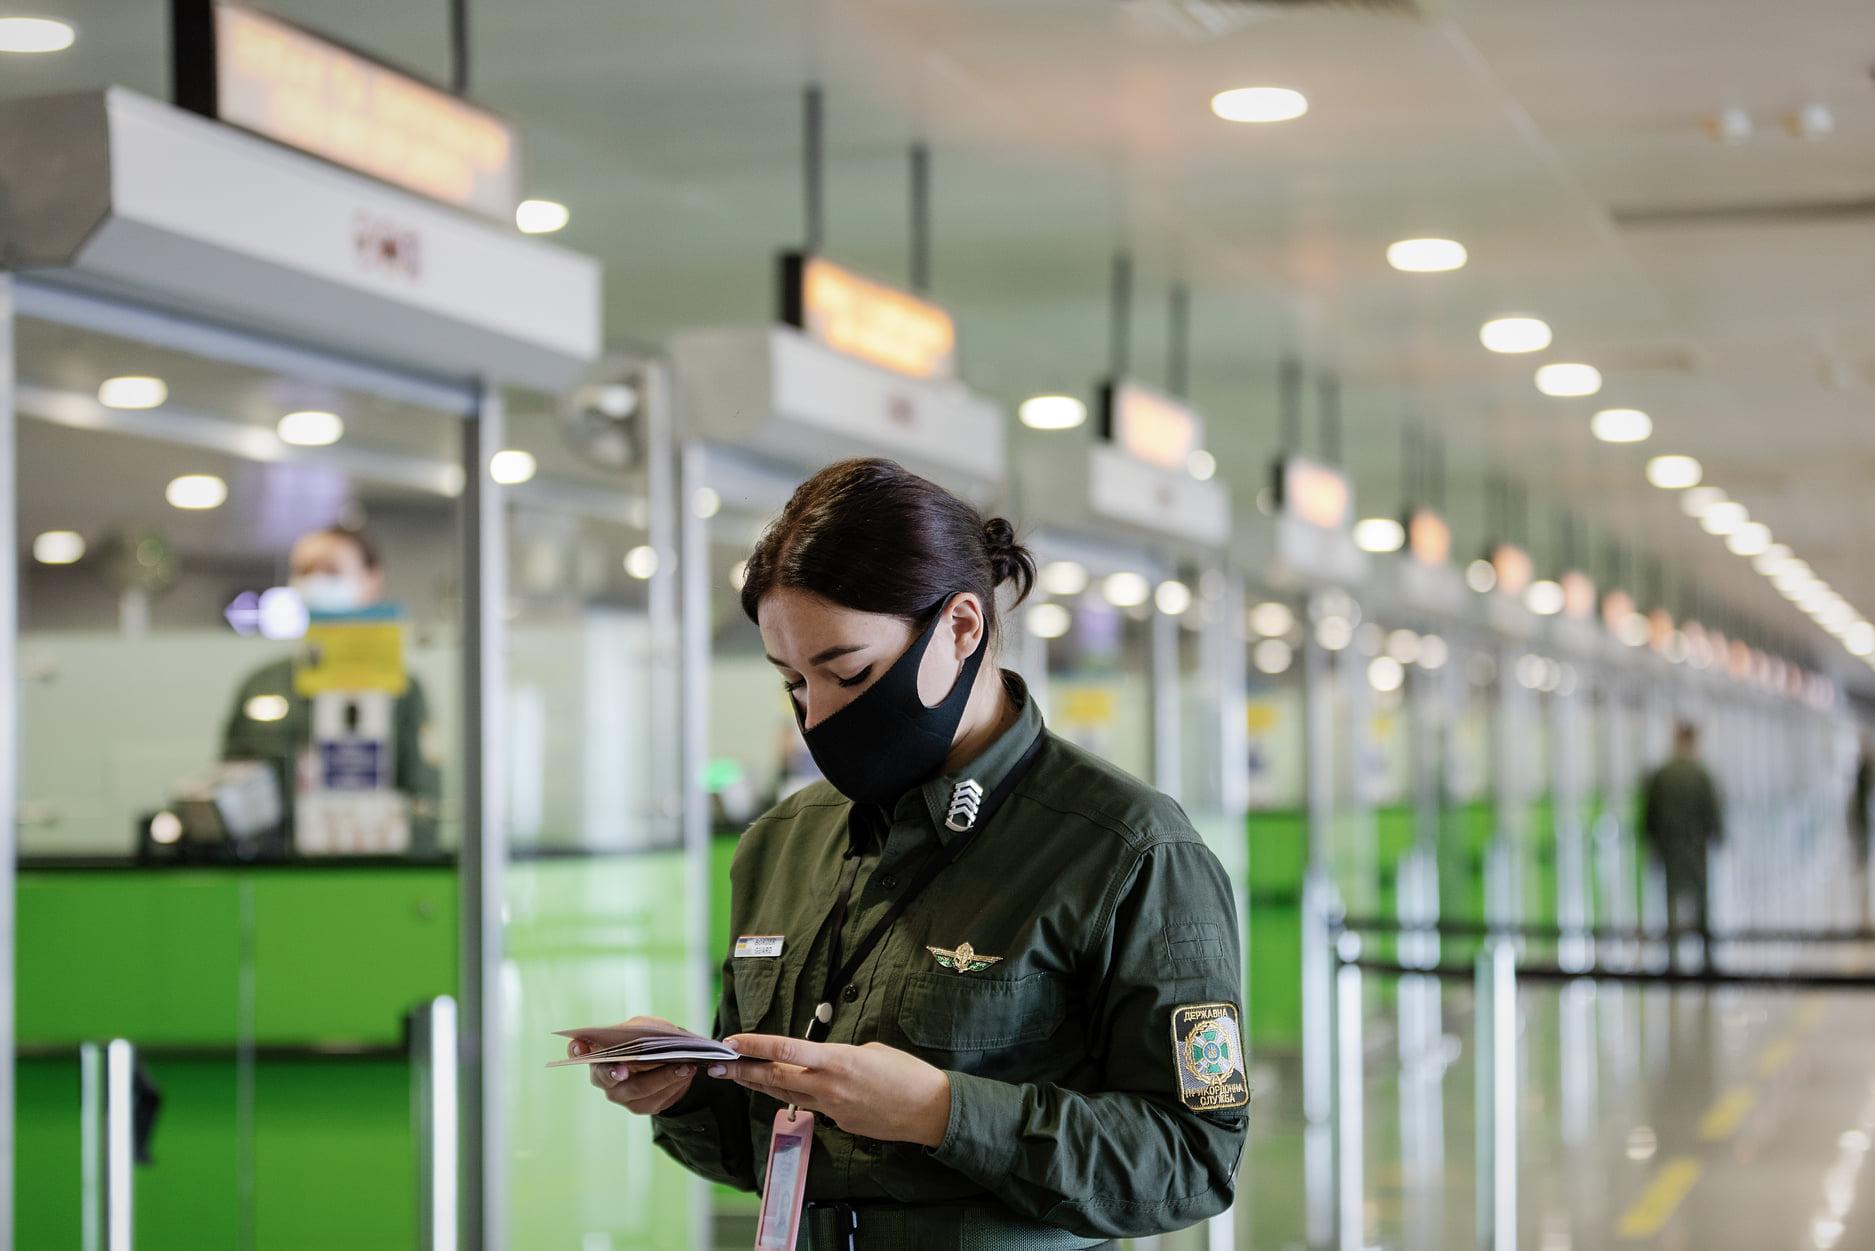 Підробка документів коштувала іноземній громадянці $3 тис. - прикордонники, афера, аеропорт «Бориспіль» - 153977459 1032384917248076 7041457652885716950 o